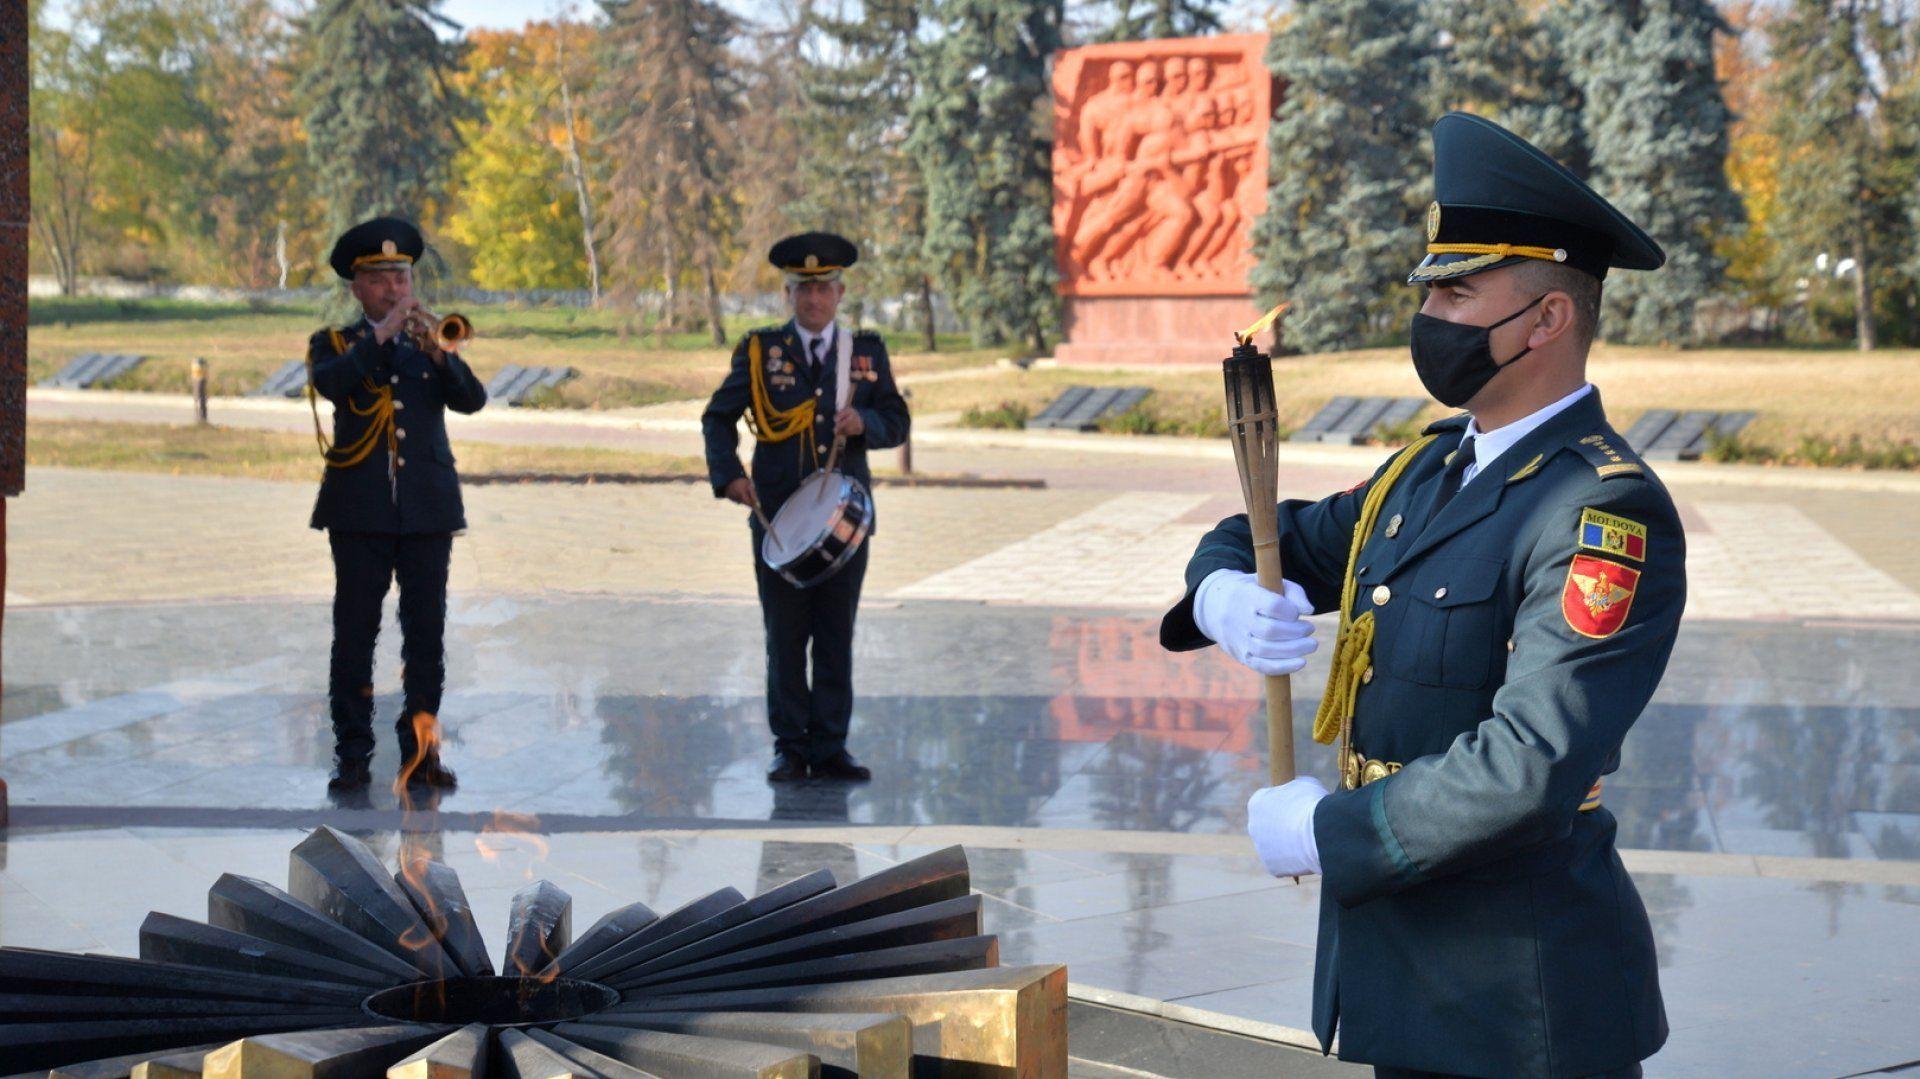 В Молдове из-за режима ЧП погасили «Вечный огонь»